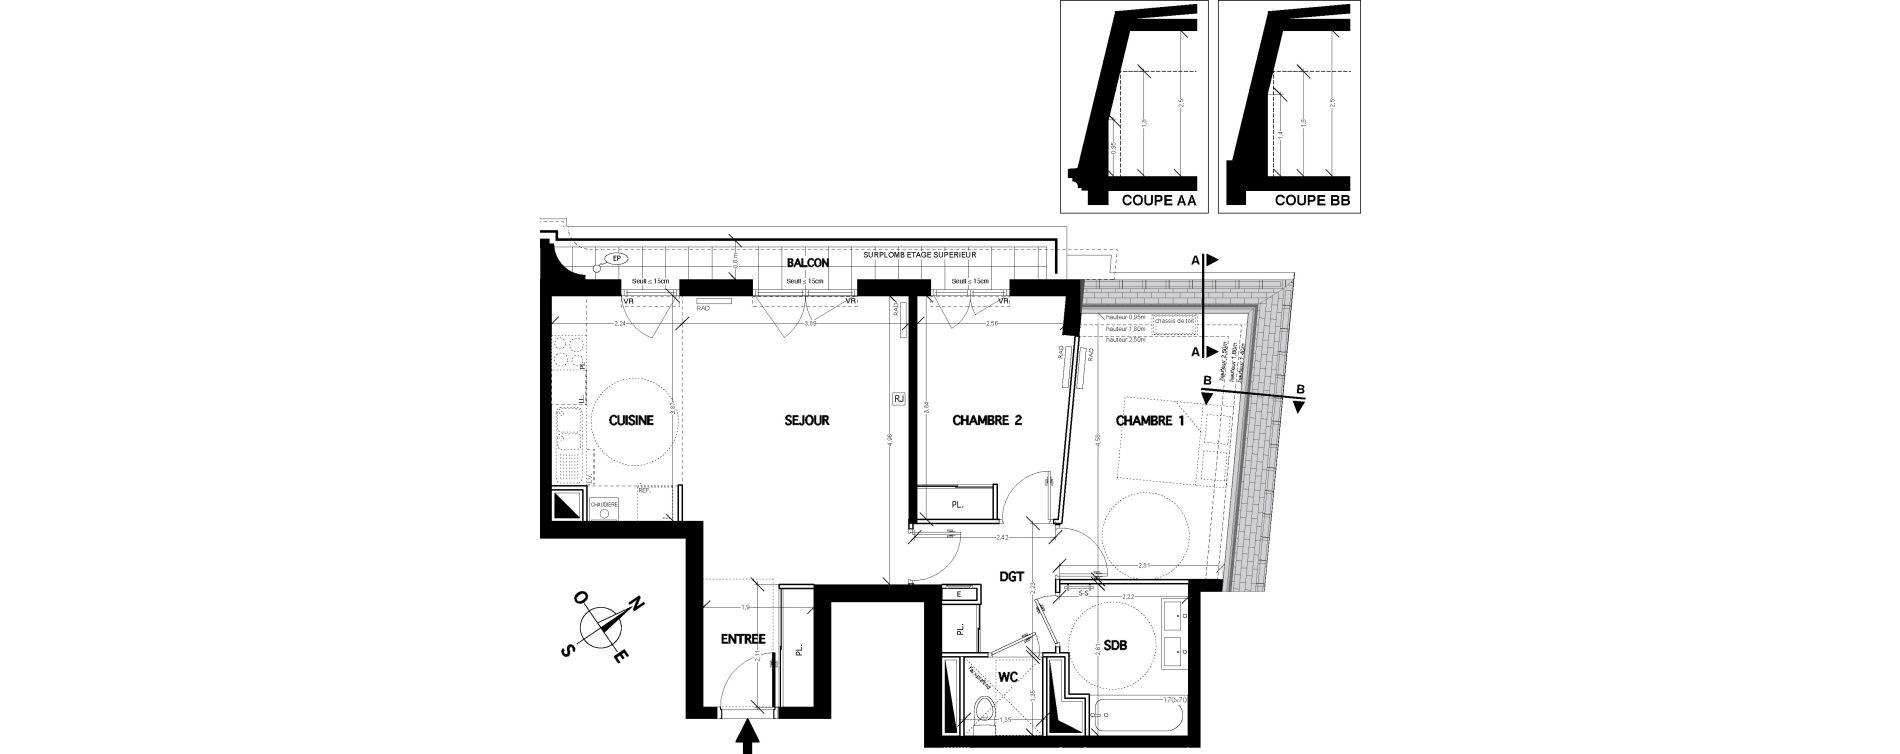 Appartement T3 de 64,30 m2 à Clamart Bois de clamart